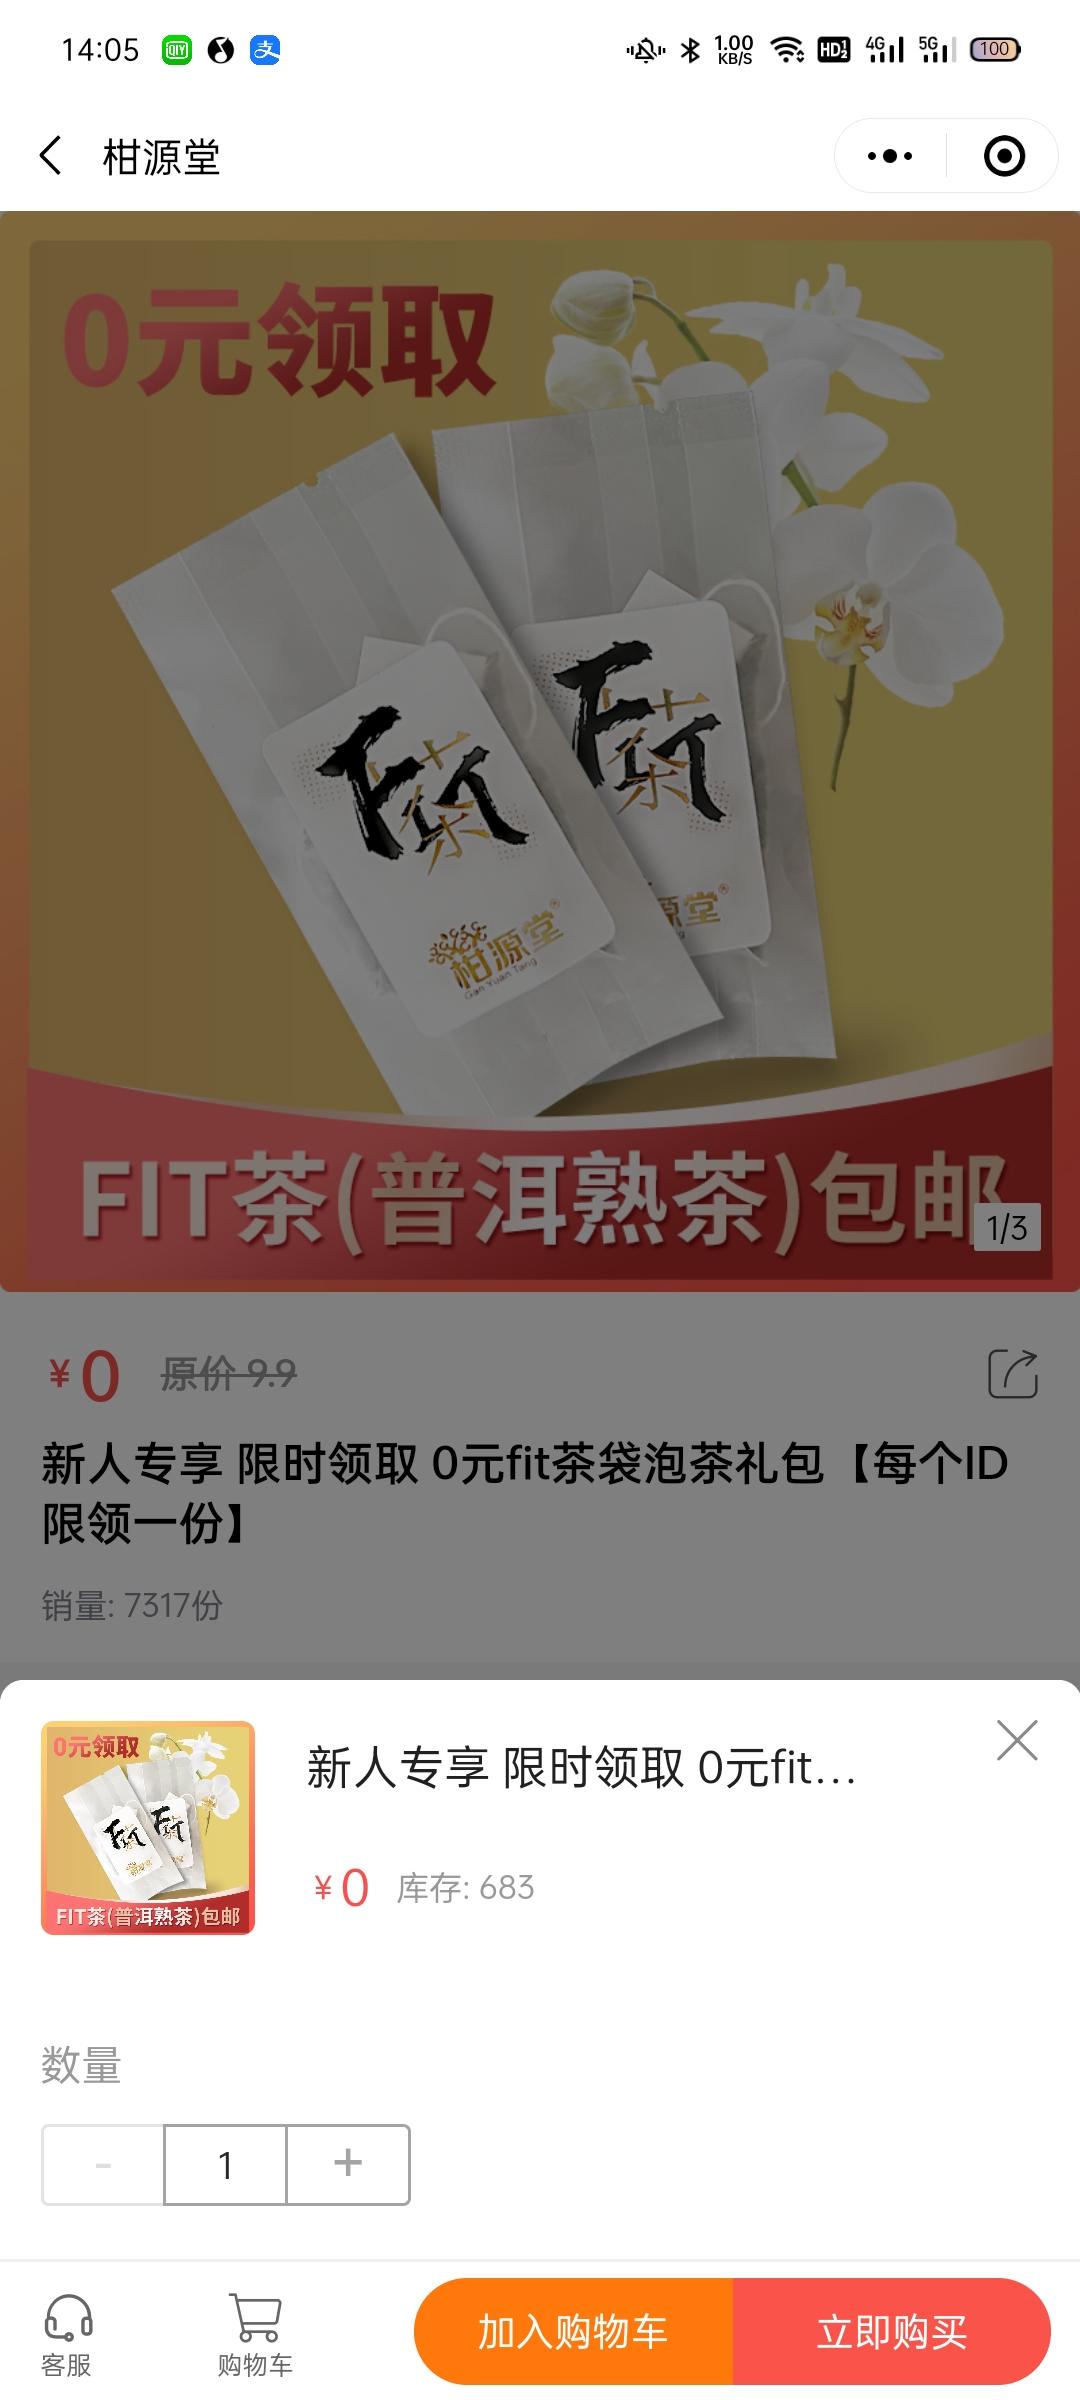 柑源堂:0元撸普洱熟茶活动!